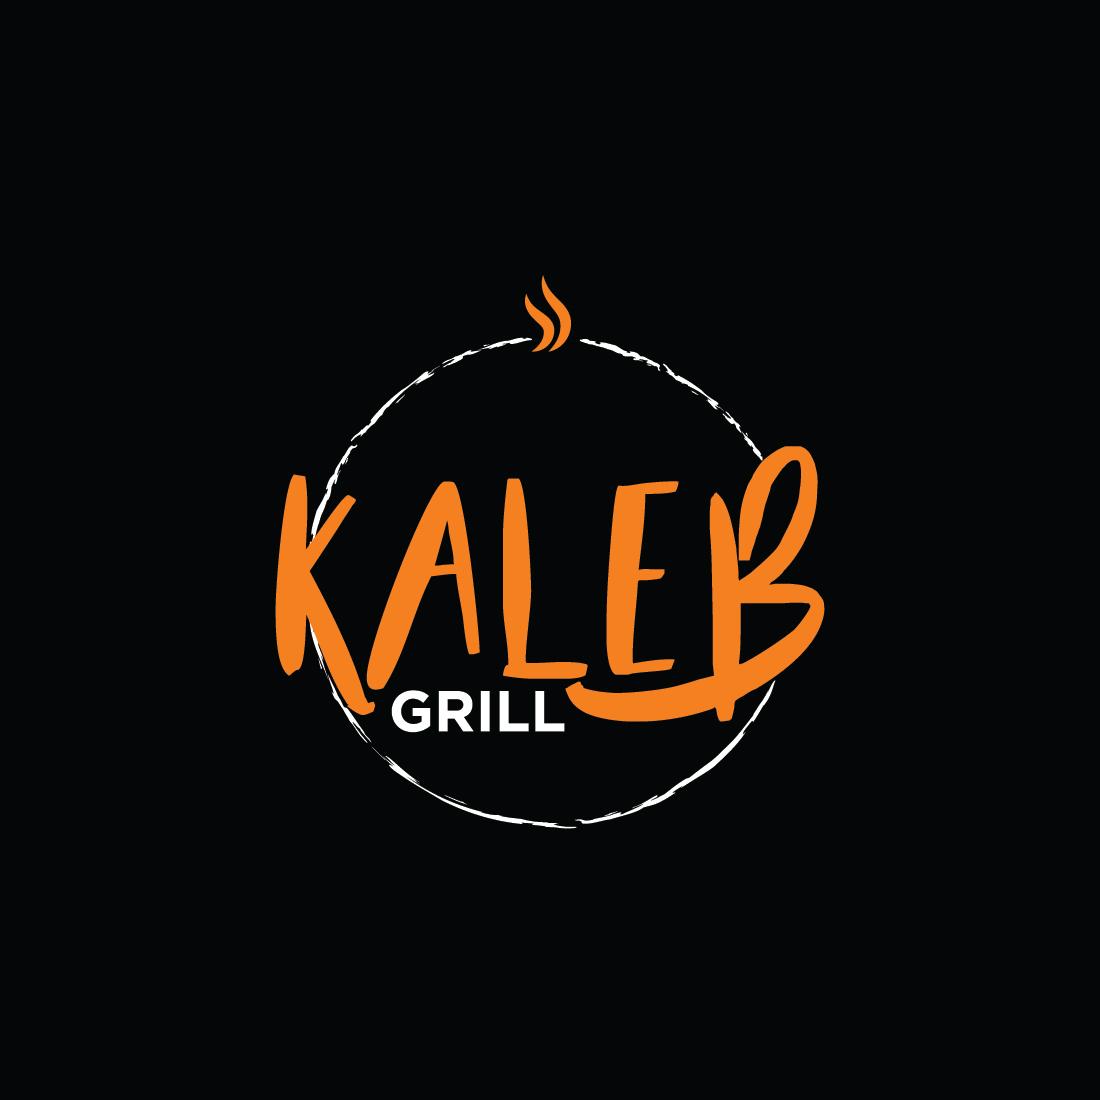 KALEB GRILL